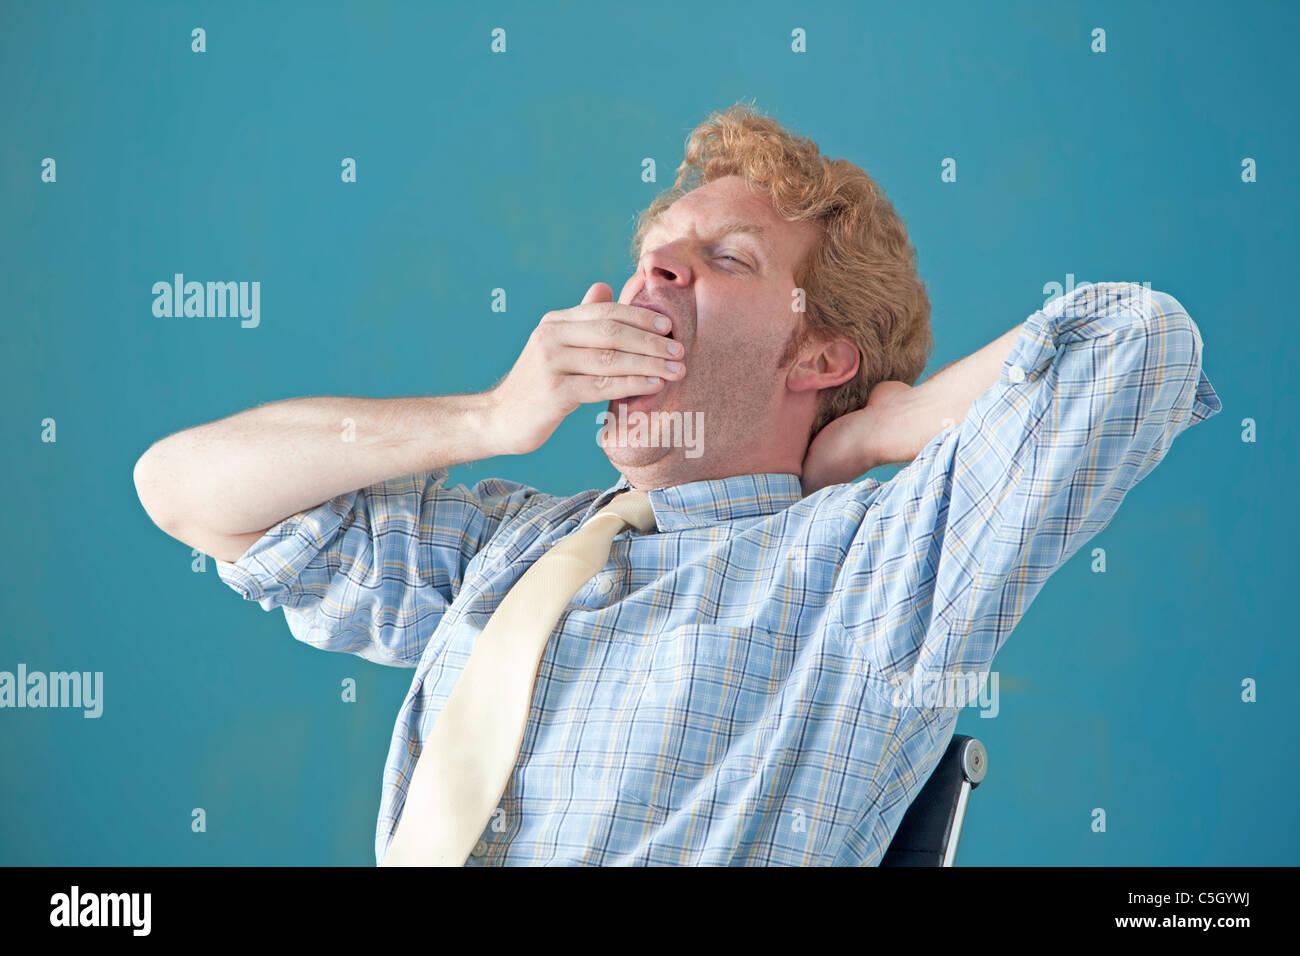 man yawning while sitting - Stock Image